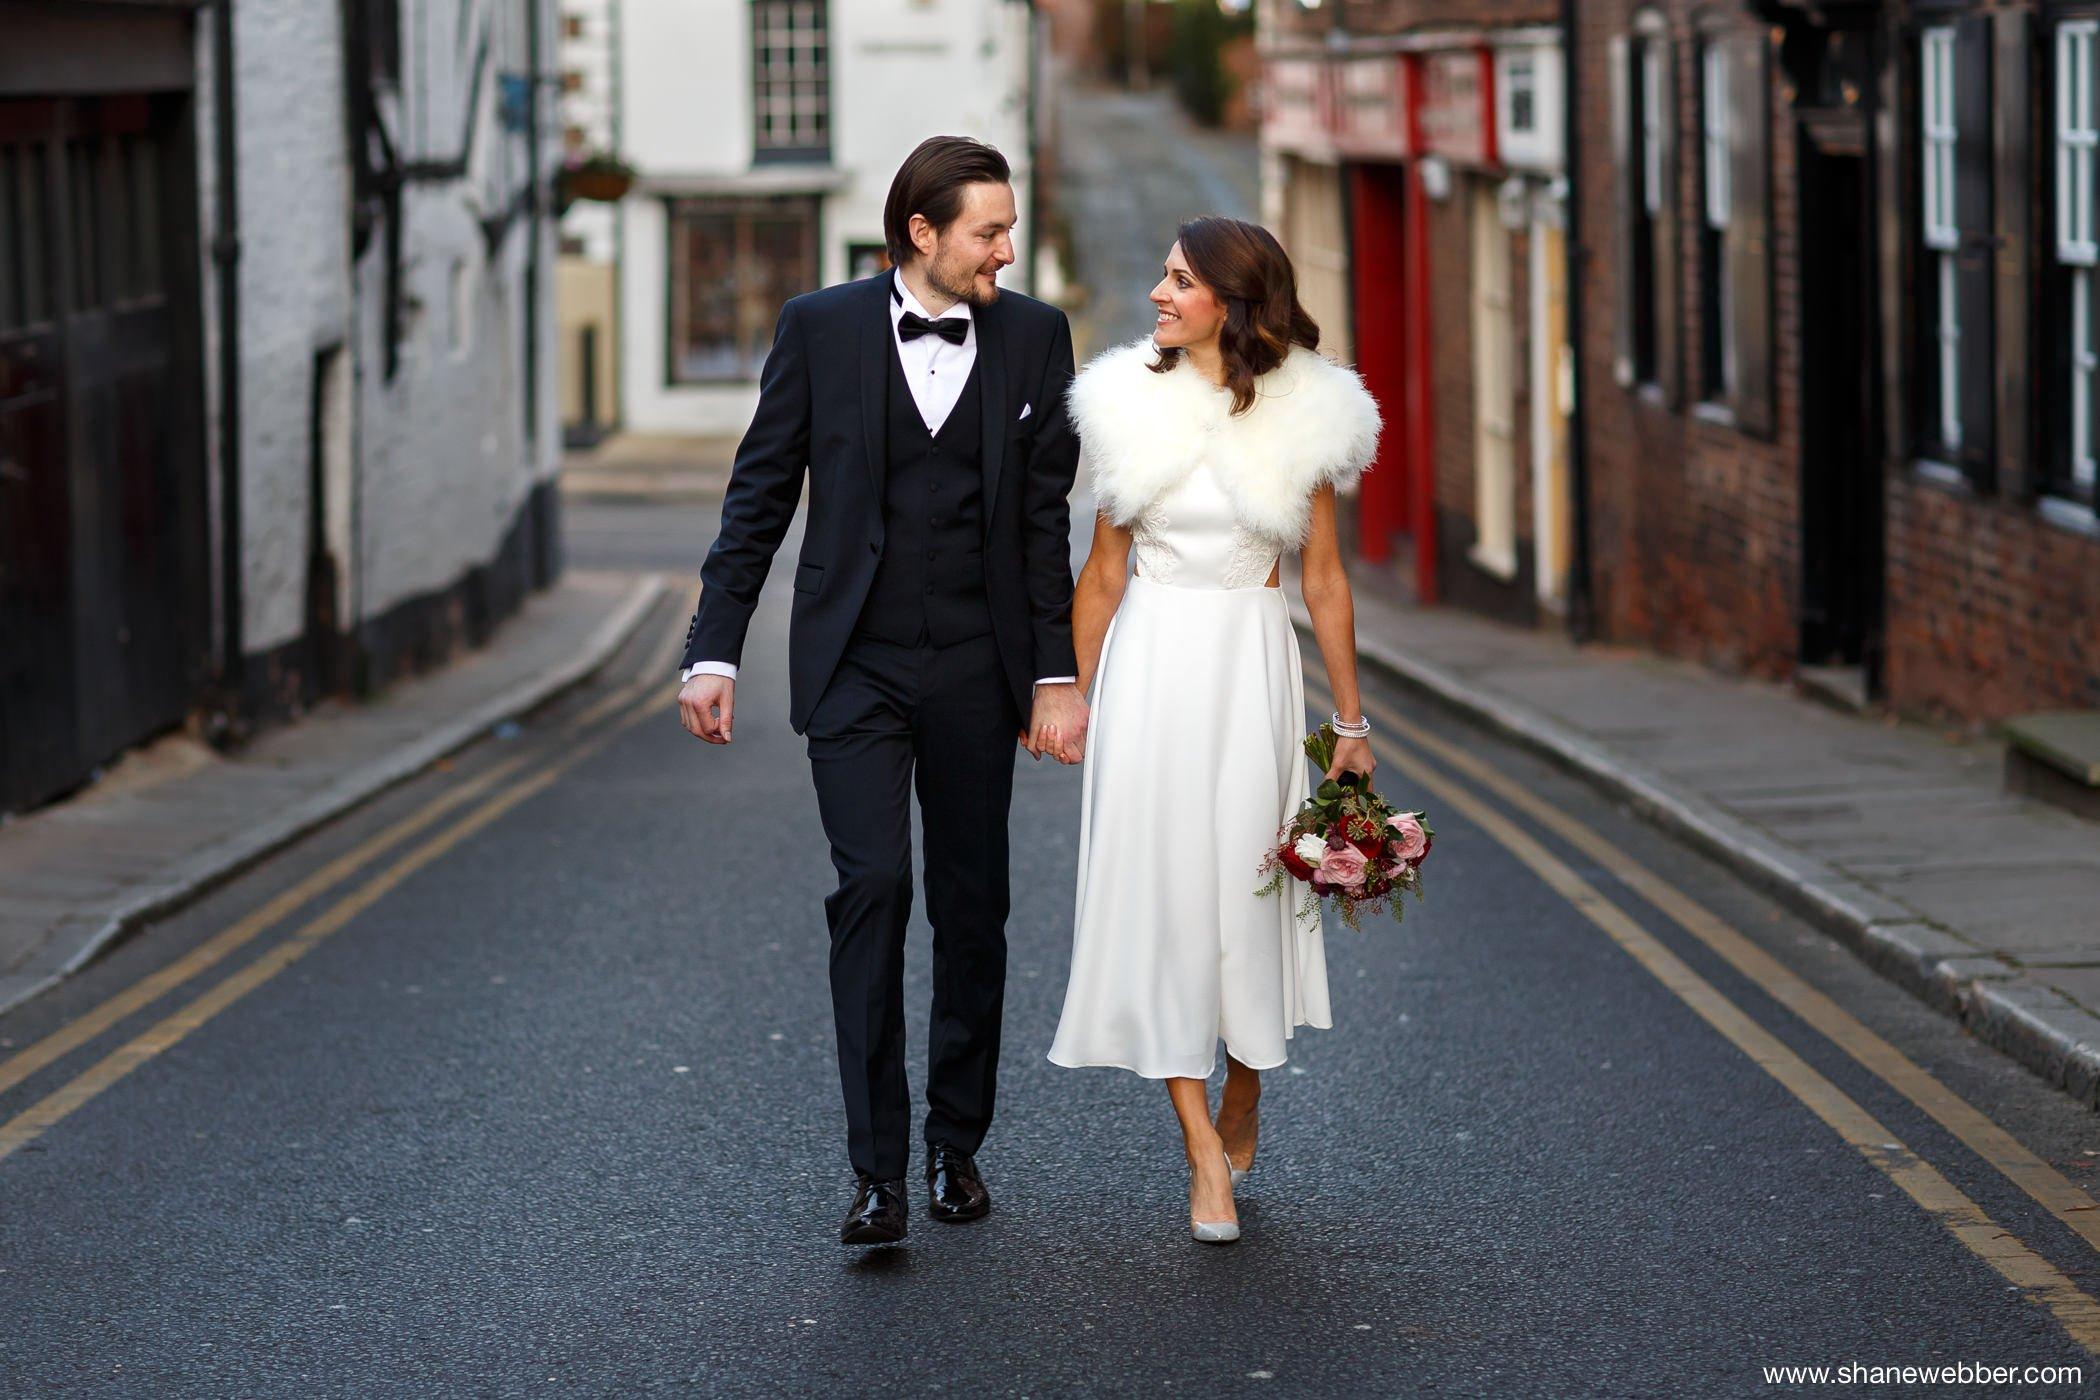 Wedding photos at Oddfellows Chester